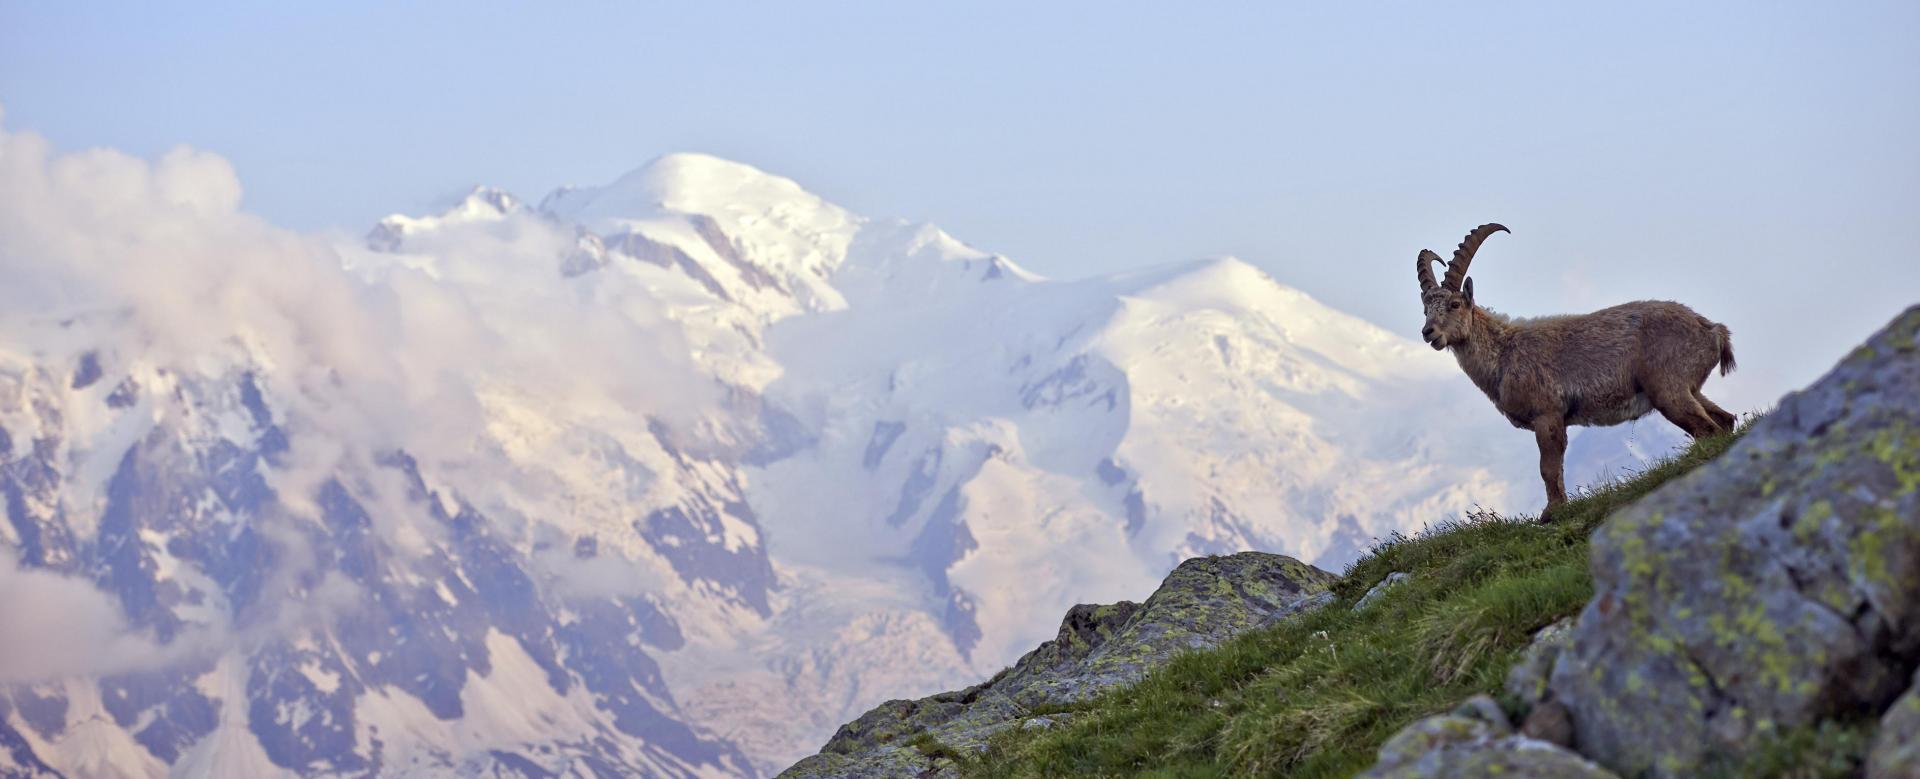 Voyage à pied France : Le grand tour du mont-blanc